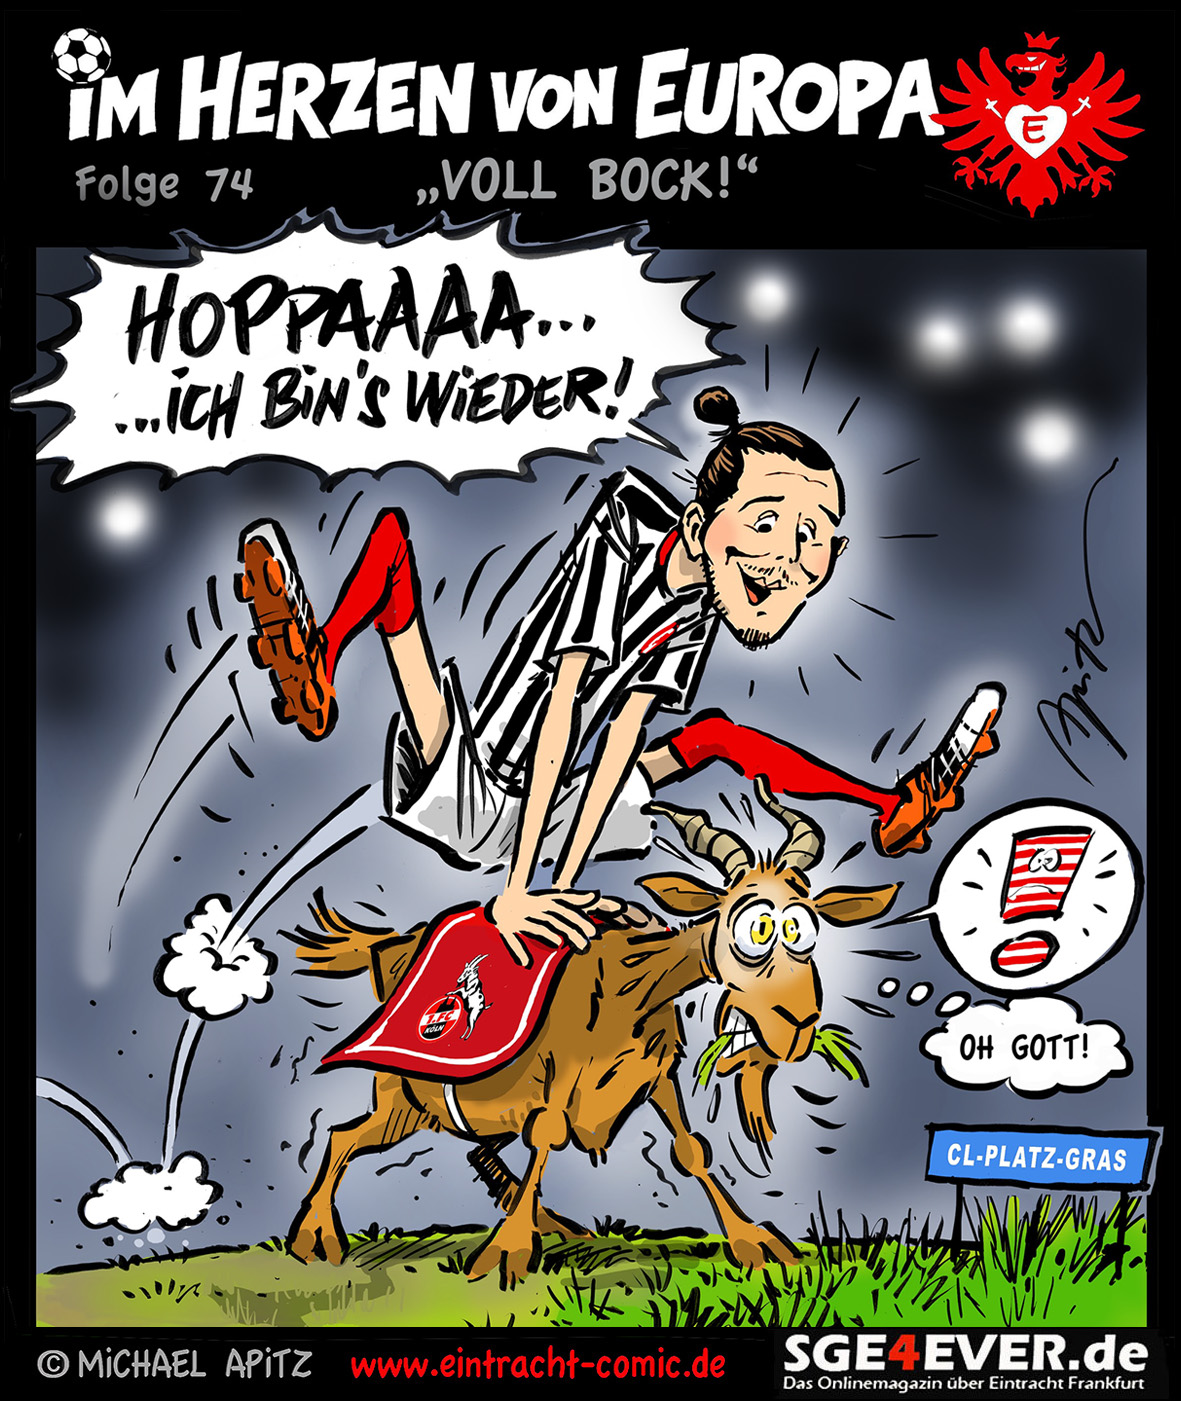 Im Herzen von Europa – Folge 74 Spieltagscomic